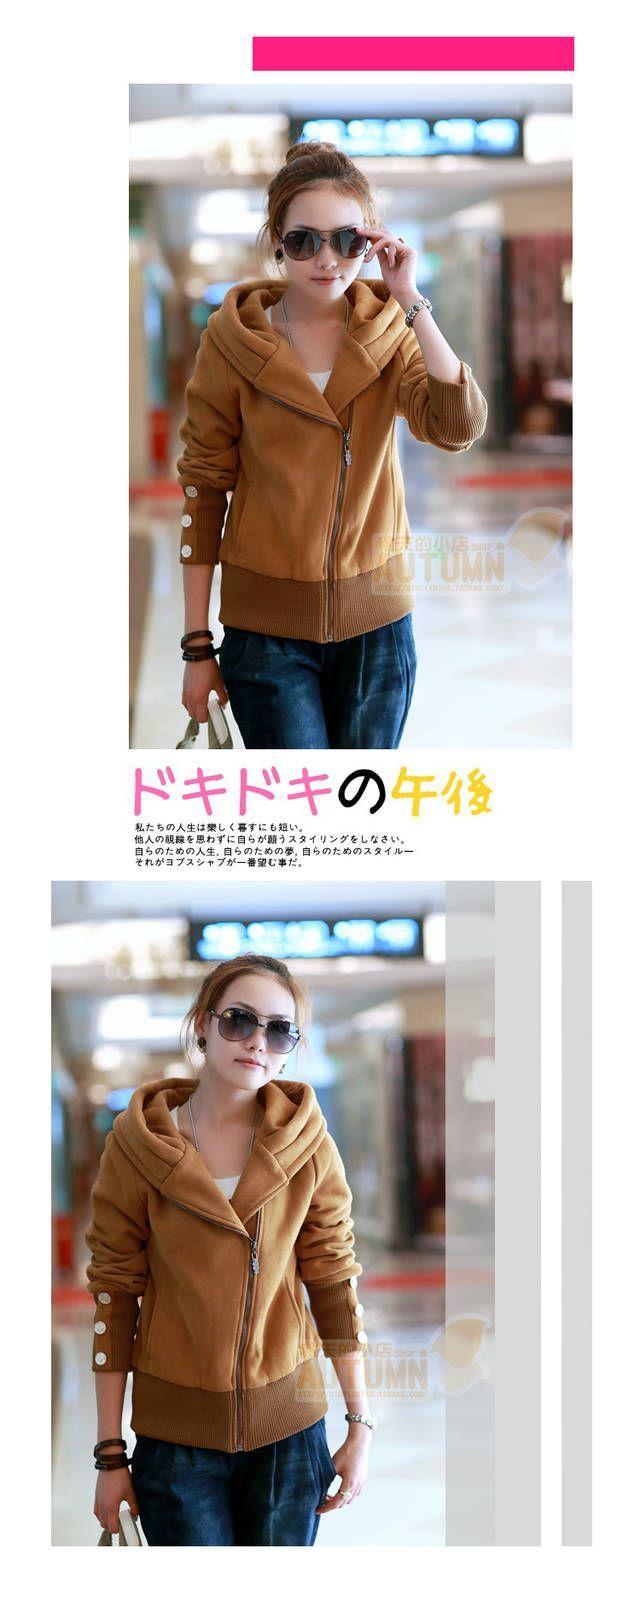 Aliexpress.com: Comprar 2015 moda otoño nuevas mujeres coreanas ocasionales chaqueta cardigan de manga larga piel gruesa mujeres outwear sudaderas con capucha sudaderas de chaqueta sudadera confiables proveedores de Drop Shipping To World .